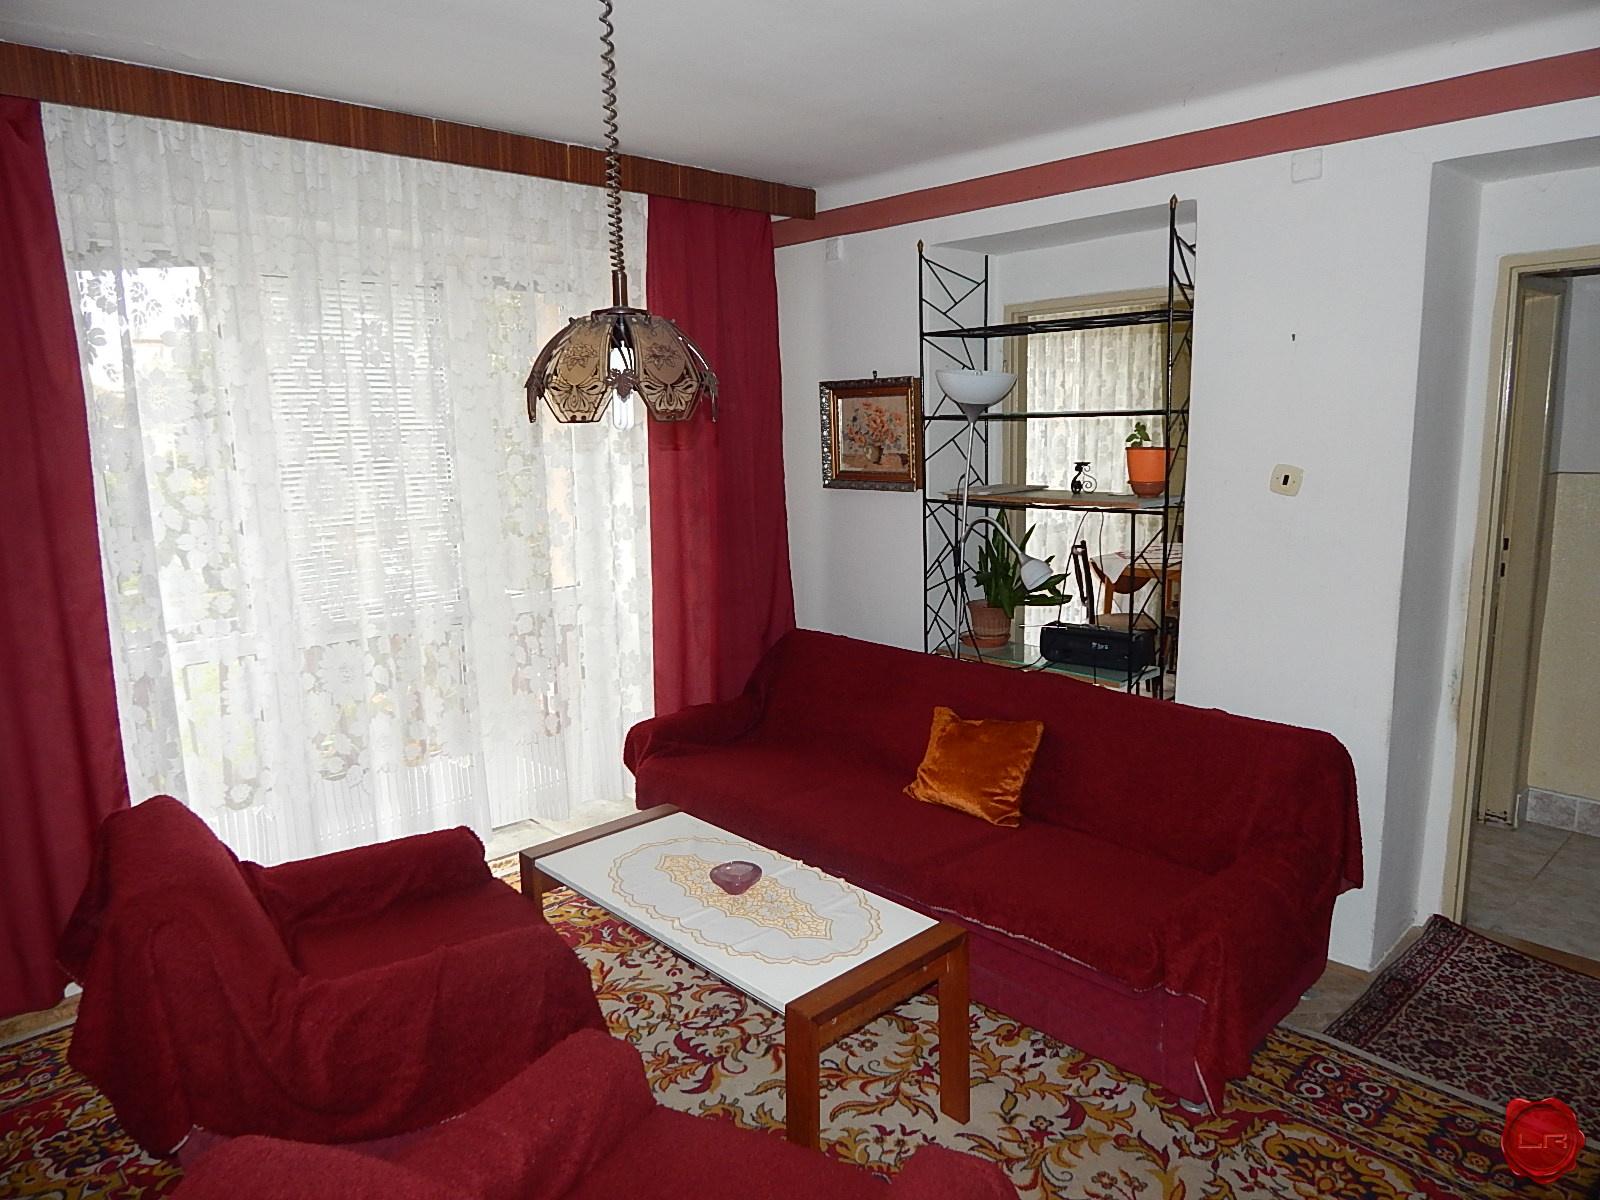 Rezervované-EXKLUZÍVNE Byt 2+1 (55,4 m2),s balkónom centrum Spišská Nová Ves